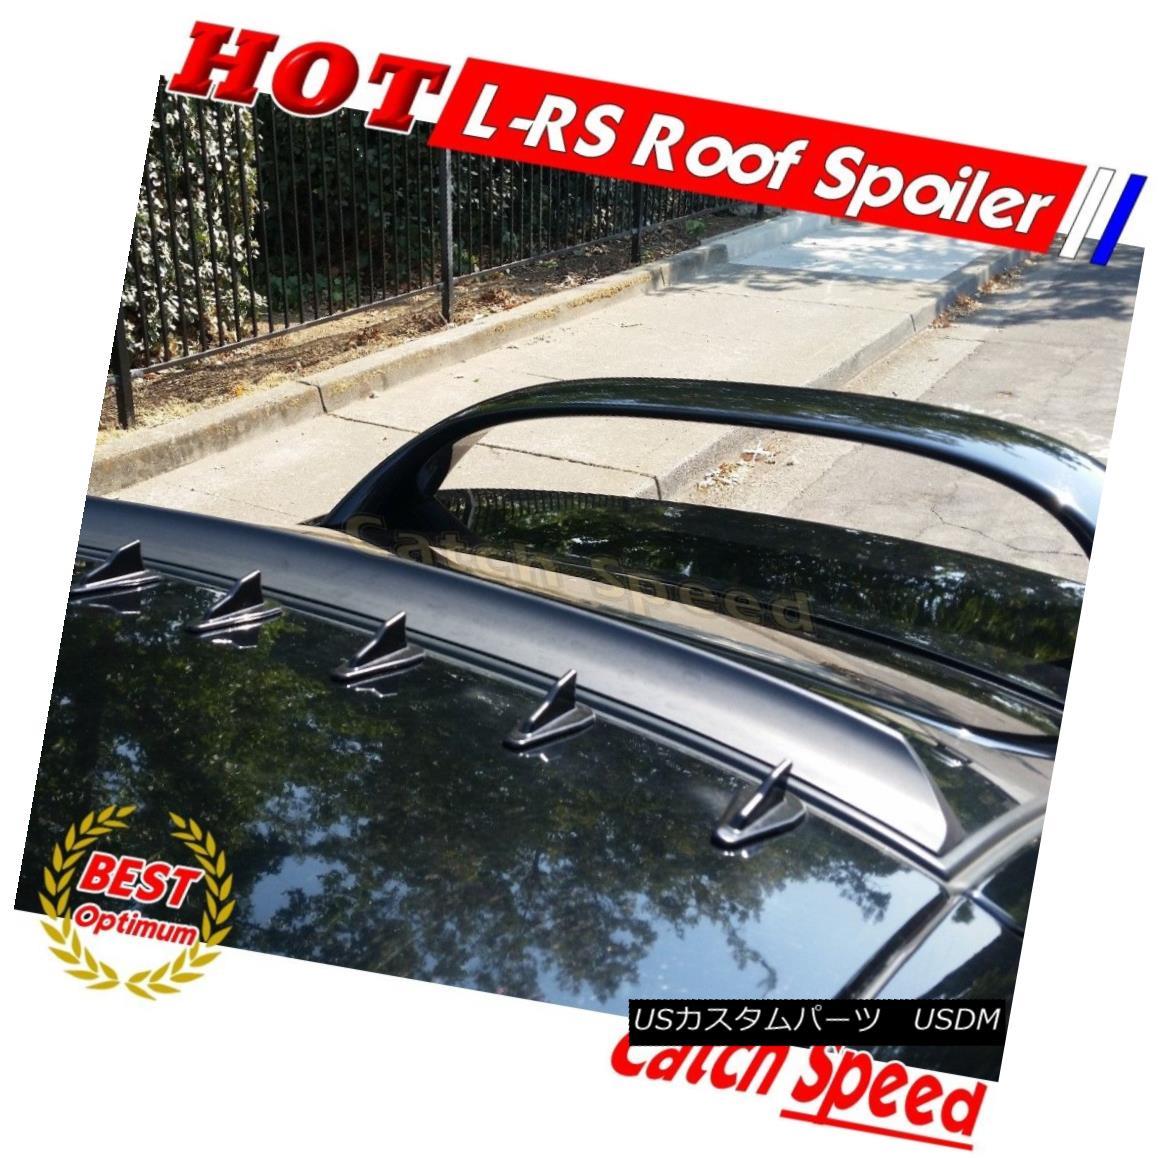 エアロパーツ Flat Black LRS Rear Roof Spoiler Wing For Ford Foucs Mondeo MK4 Sedan 2007-13 ? Ford Focus Mondeo MK4 Sedan 2007-13のフラットブラックLRSリアルーフスポイラーウィング?